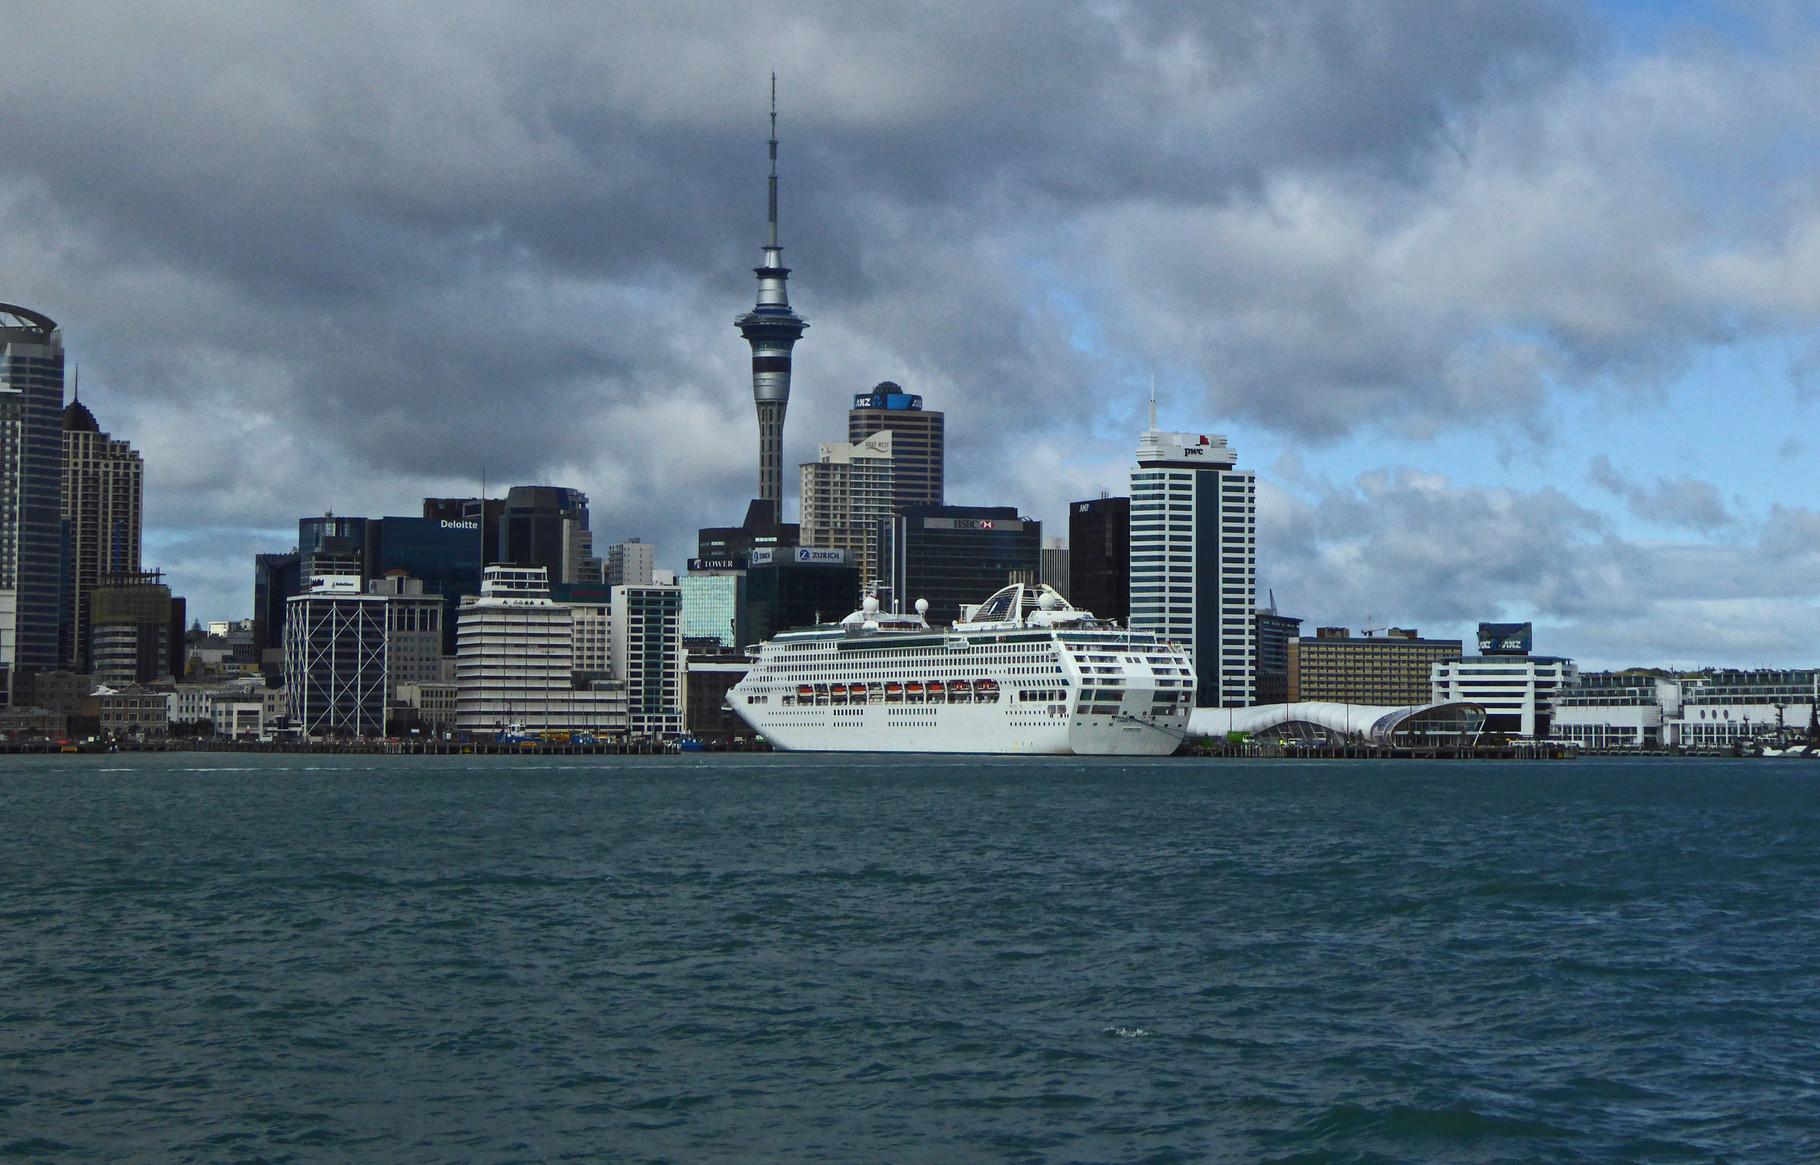 Riesenkreuzfahrtschiff vor Auckland